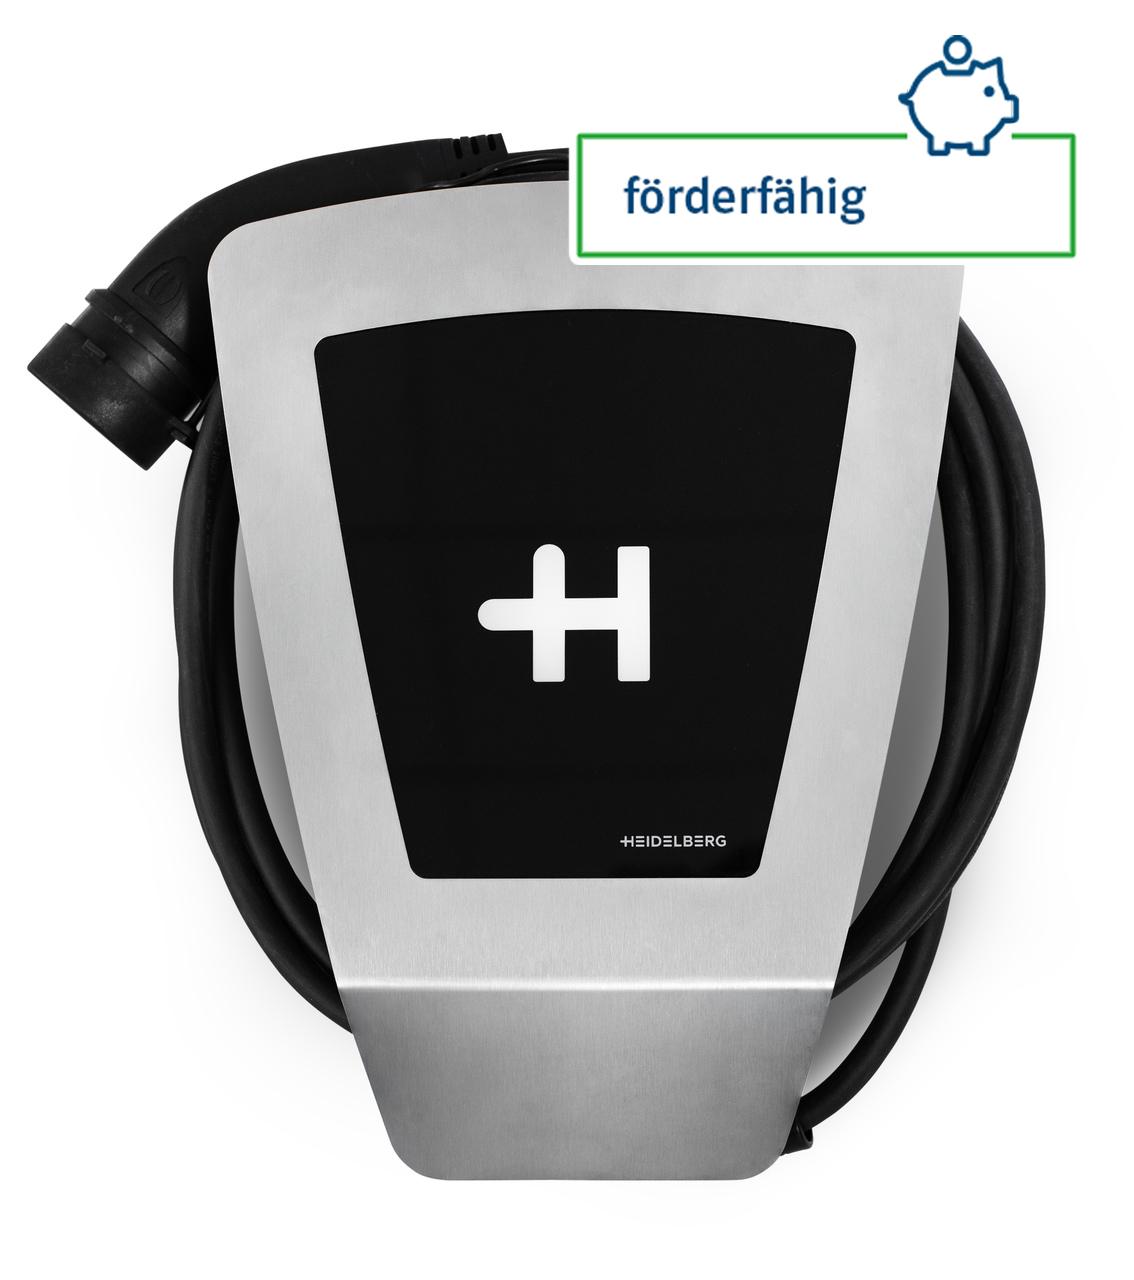 Heidelberg Energy Control Wallbox (bis 11 kW) mit Typ 2-Ladekabel